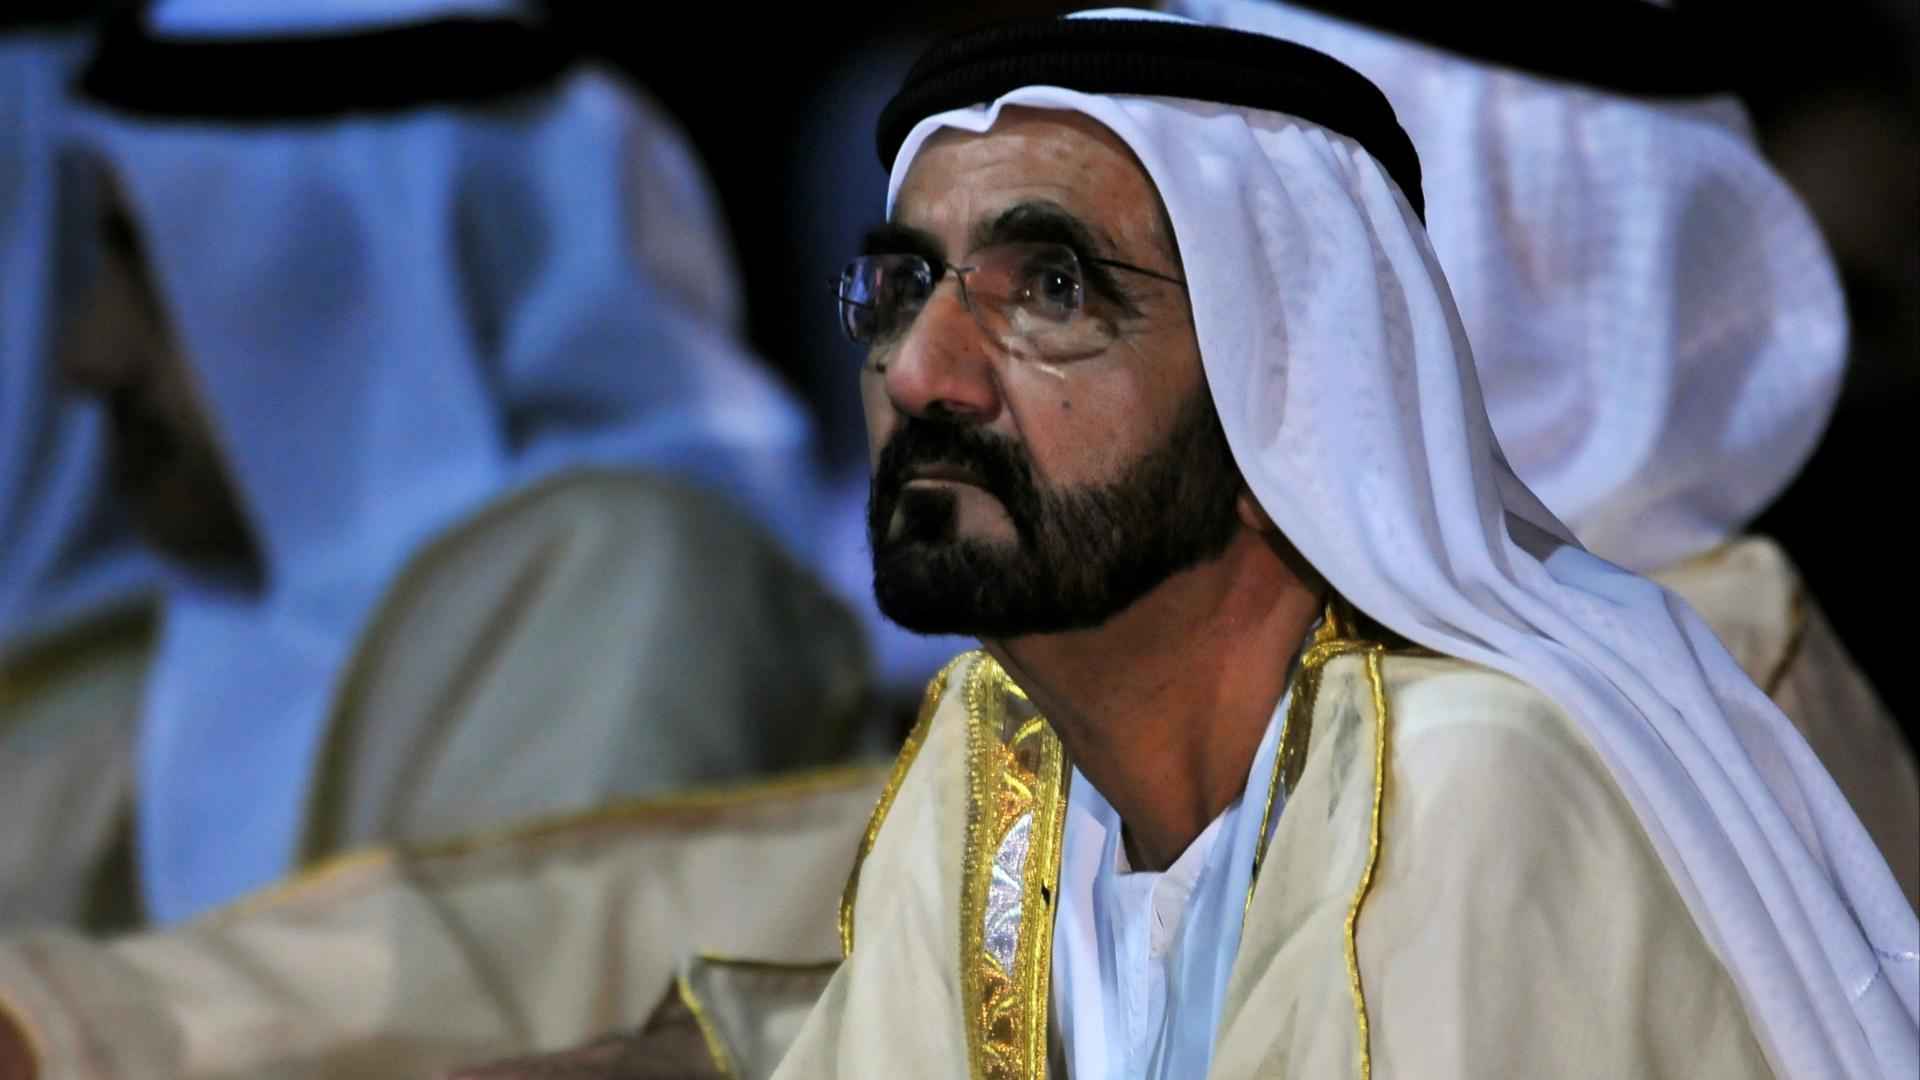 """محمد بن راشد يوصي بـ8 مبادئ للحكم """"مهما تبدلت الأحوال أو تغيرت الوجوه"""""""